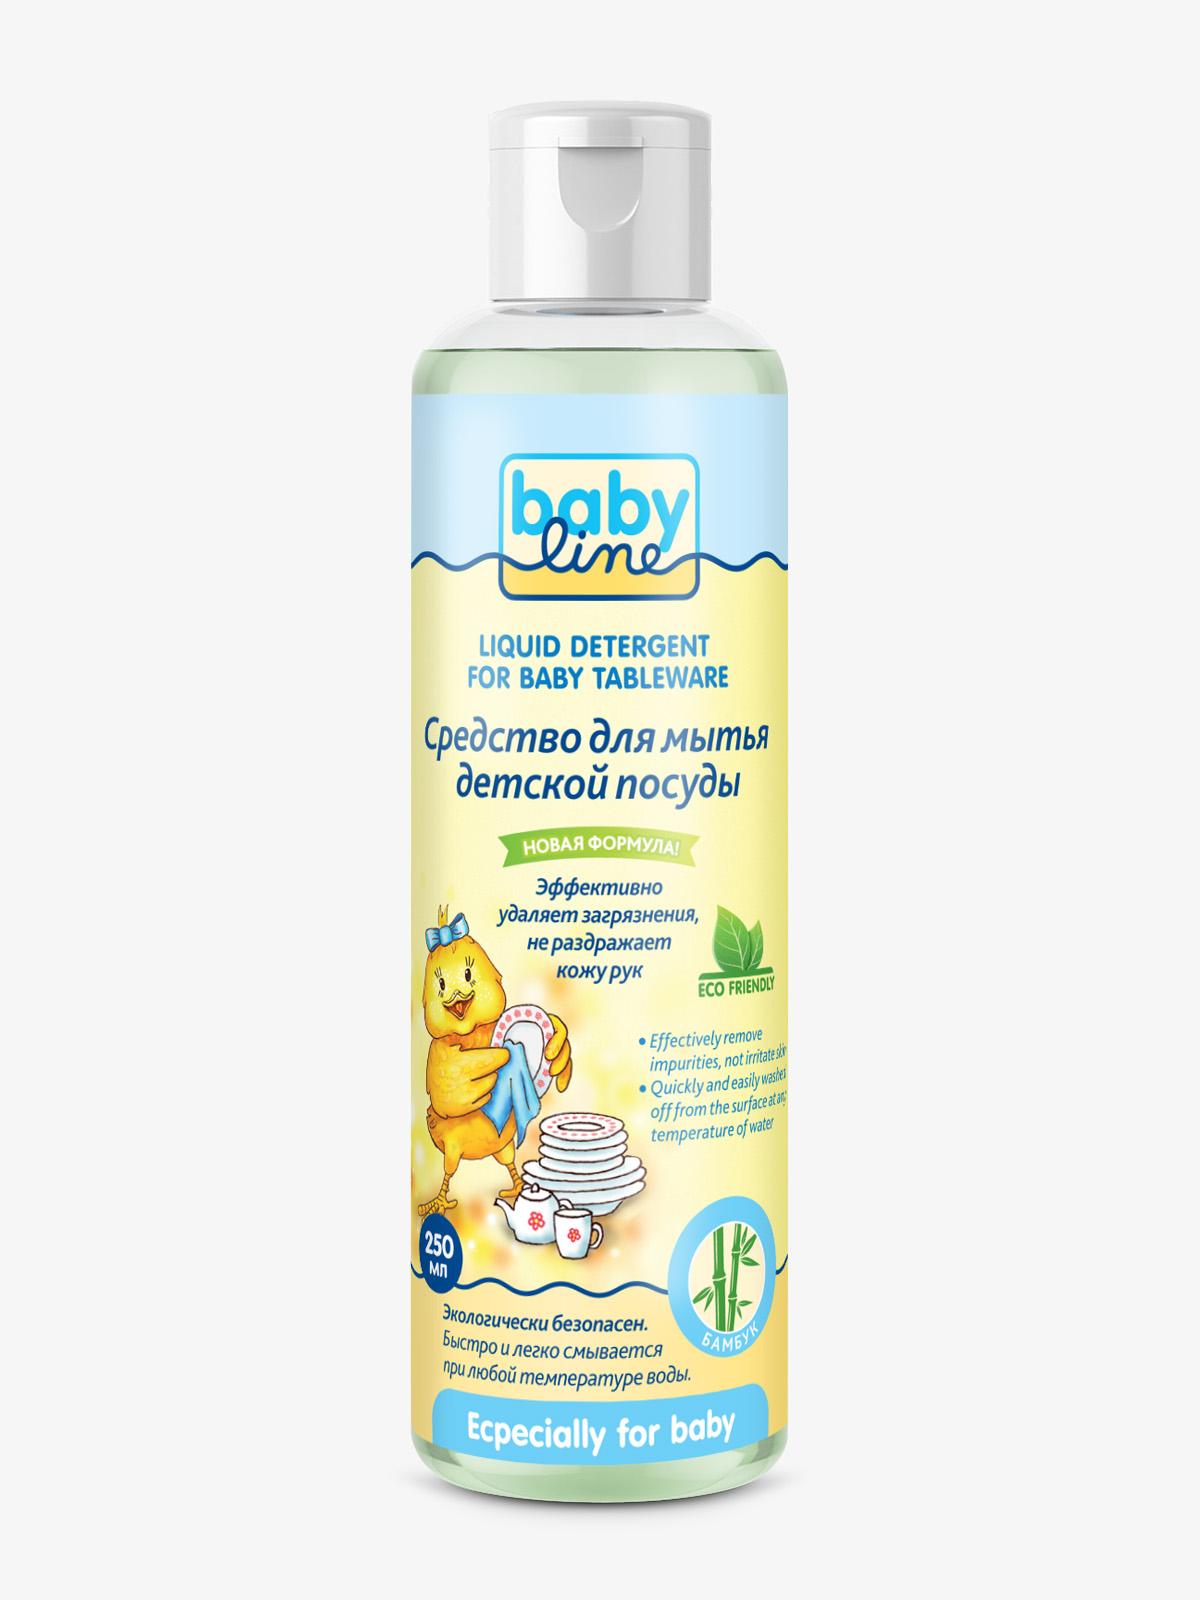 моющее средство для посуды BABYLINE 250 мл натуральное детское моющее средство для посуды овощей и фруктов с дозатором 600 мл baby line безопасная детская бытовая химия